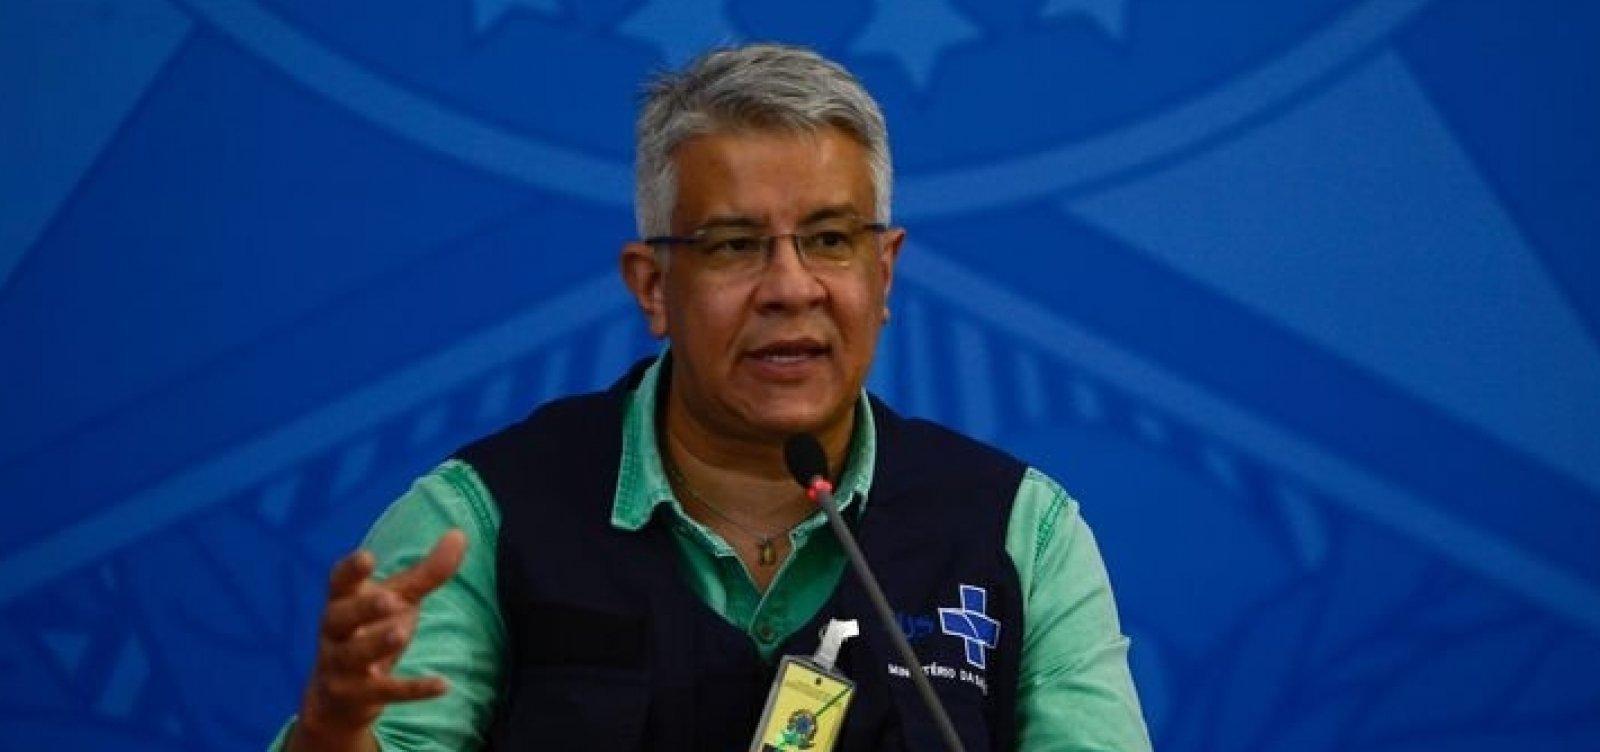 [Secretário de Vigilância em Saúde do ministério, Wanderson Oliveira deixará pasta]